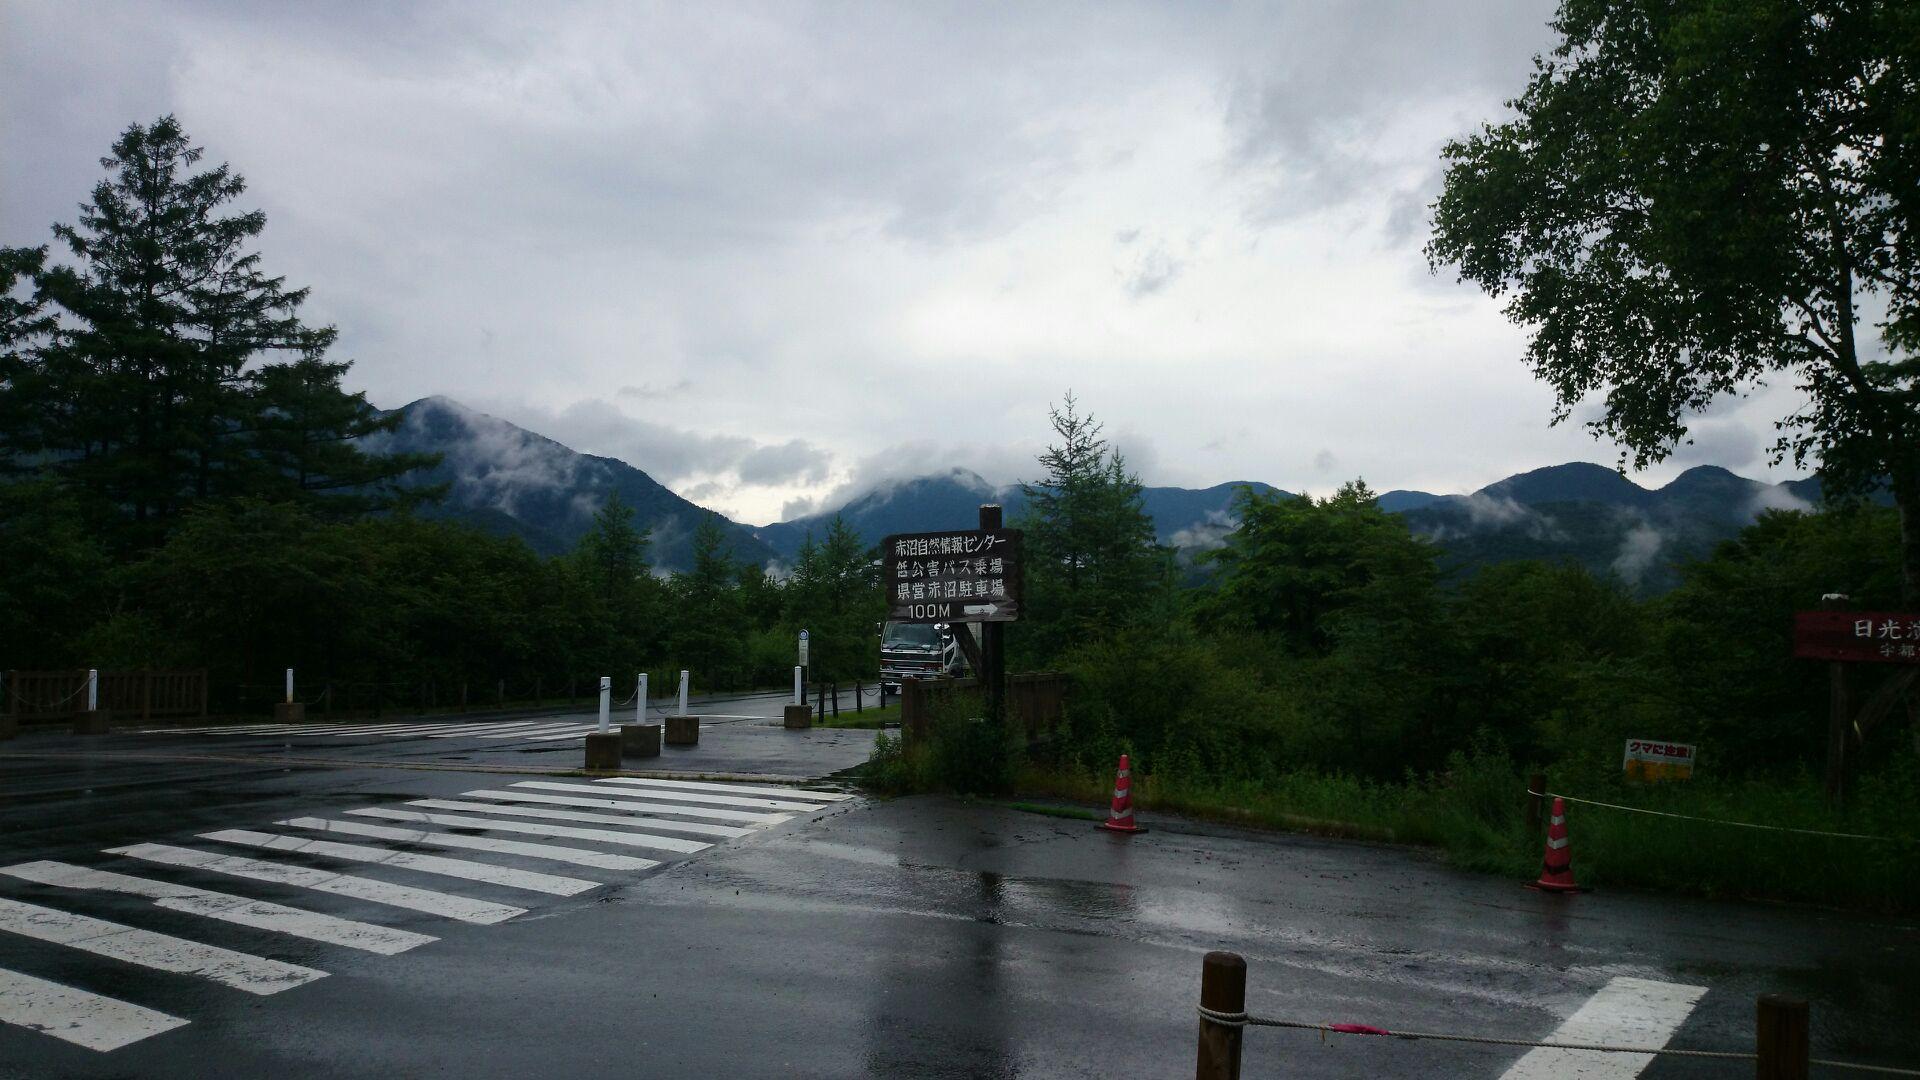 大雨の湯川